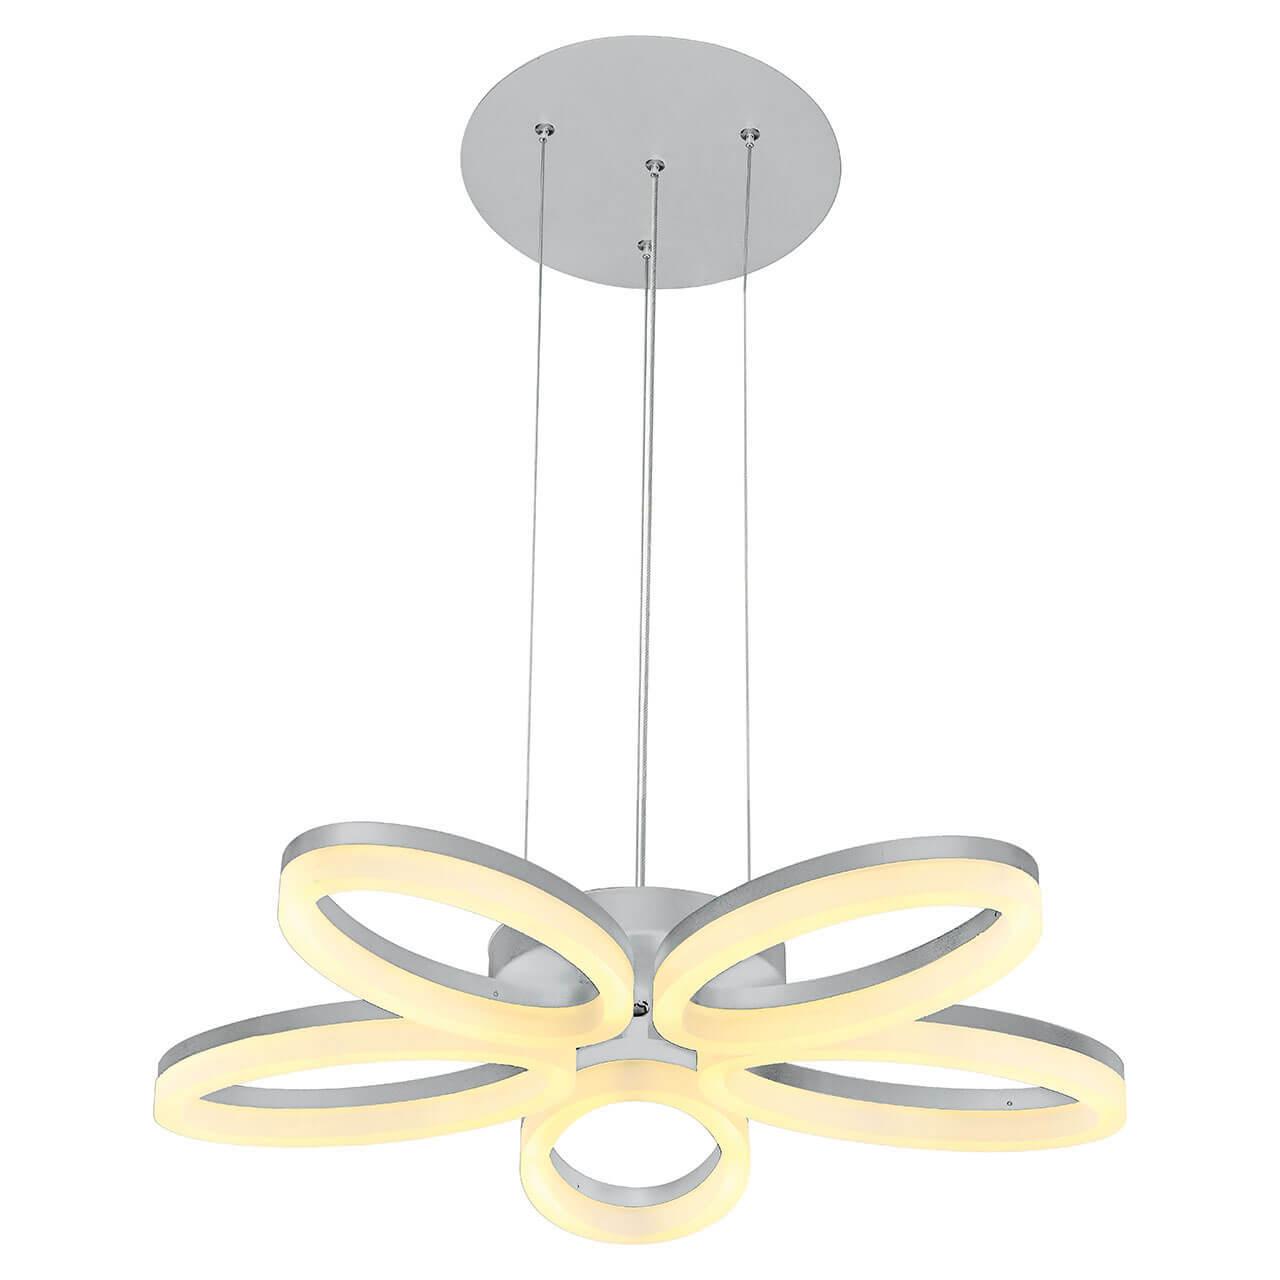 Подвесная светодиодная люстра Horoz белая 019-006-0040 подвесная светодиодная люстра horoz белая 019 006 0040